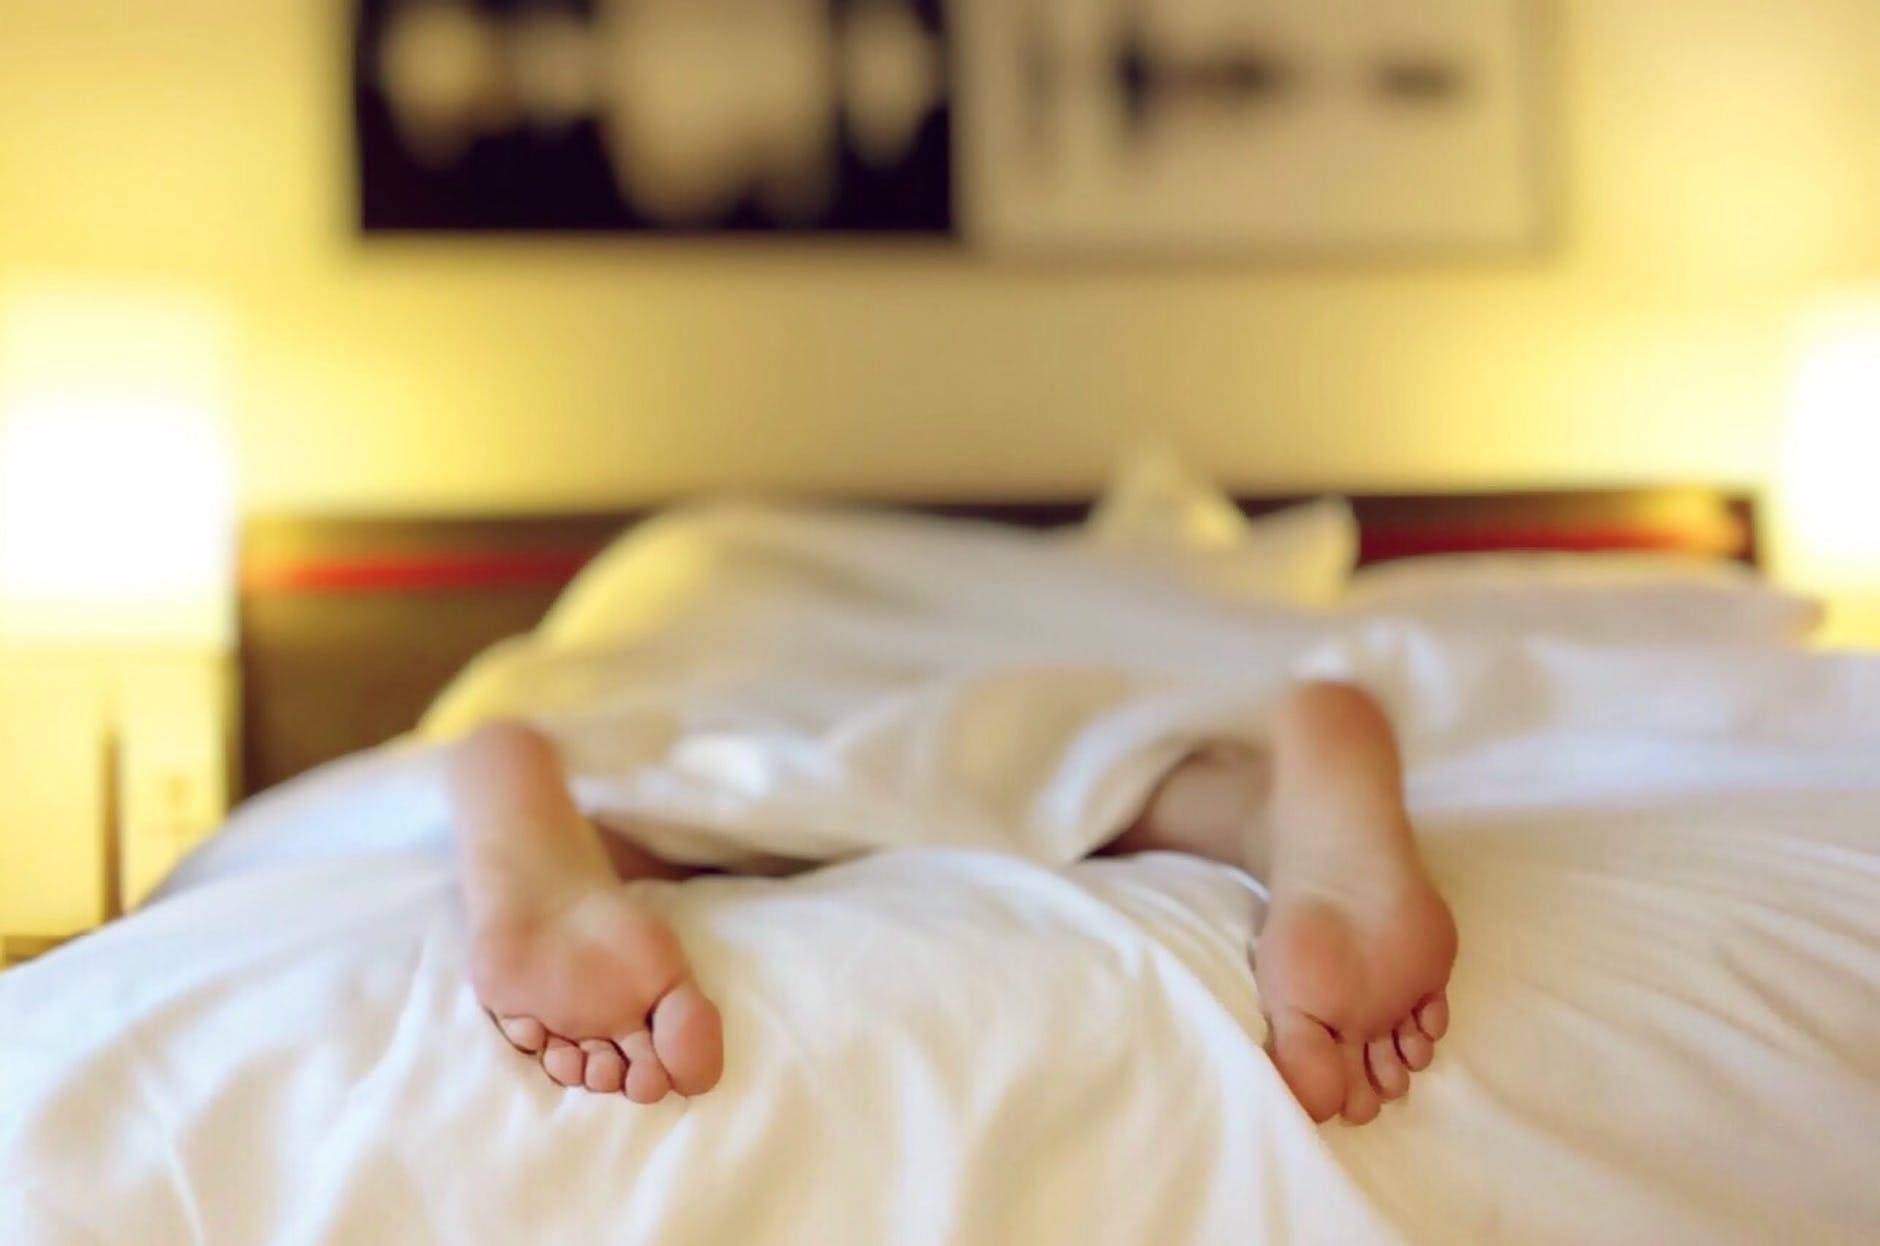 corp dureros din cauza somnului prea mult